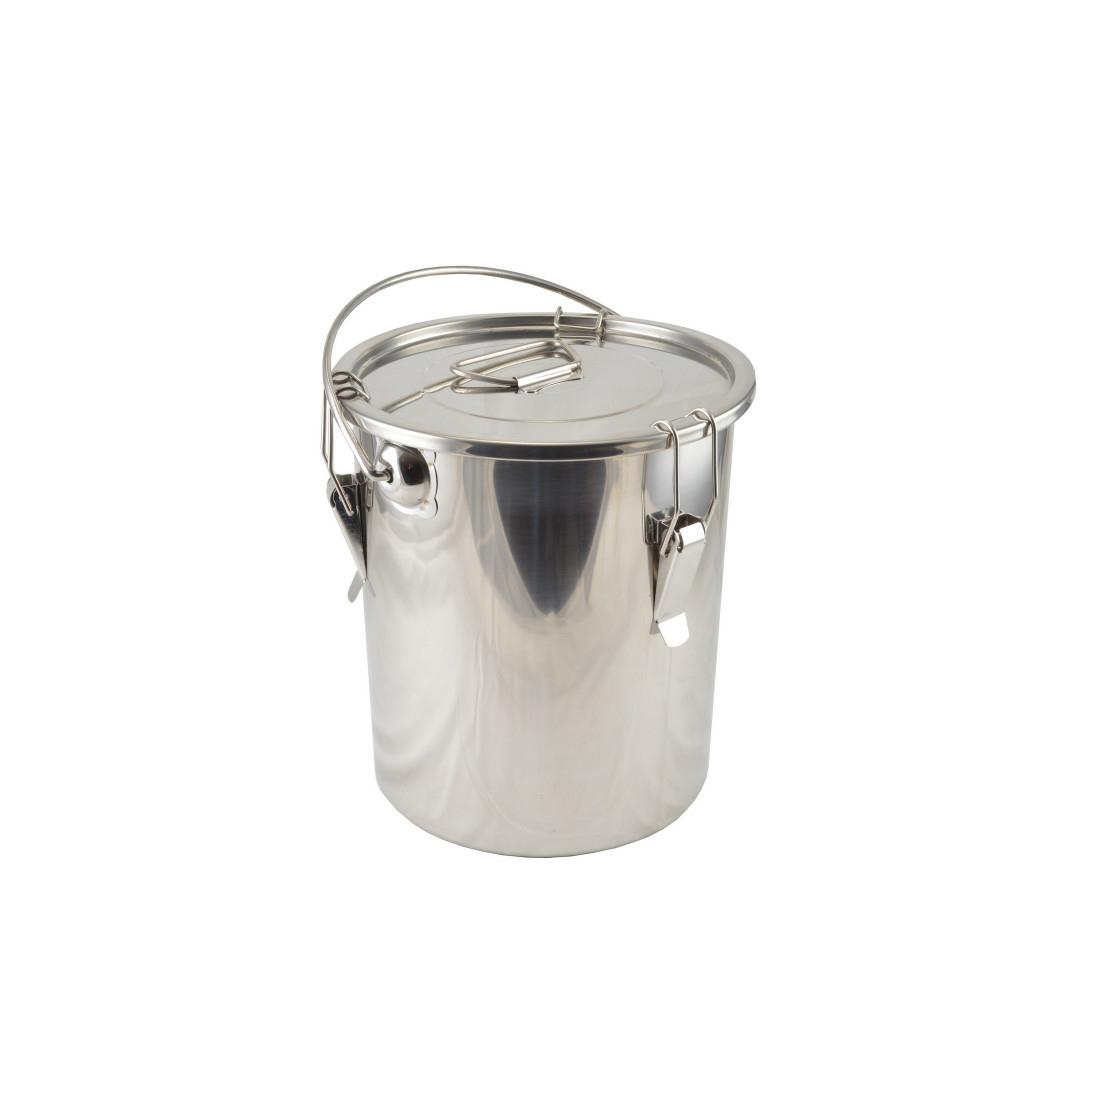 Rozsdamentes ételhordó badella csatos 25 liter